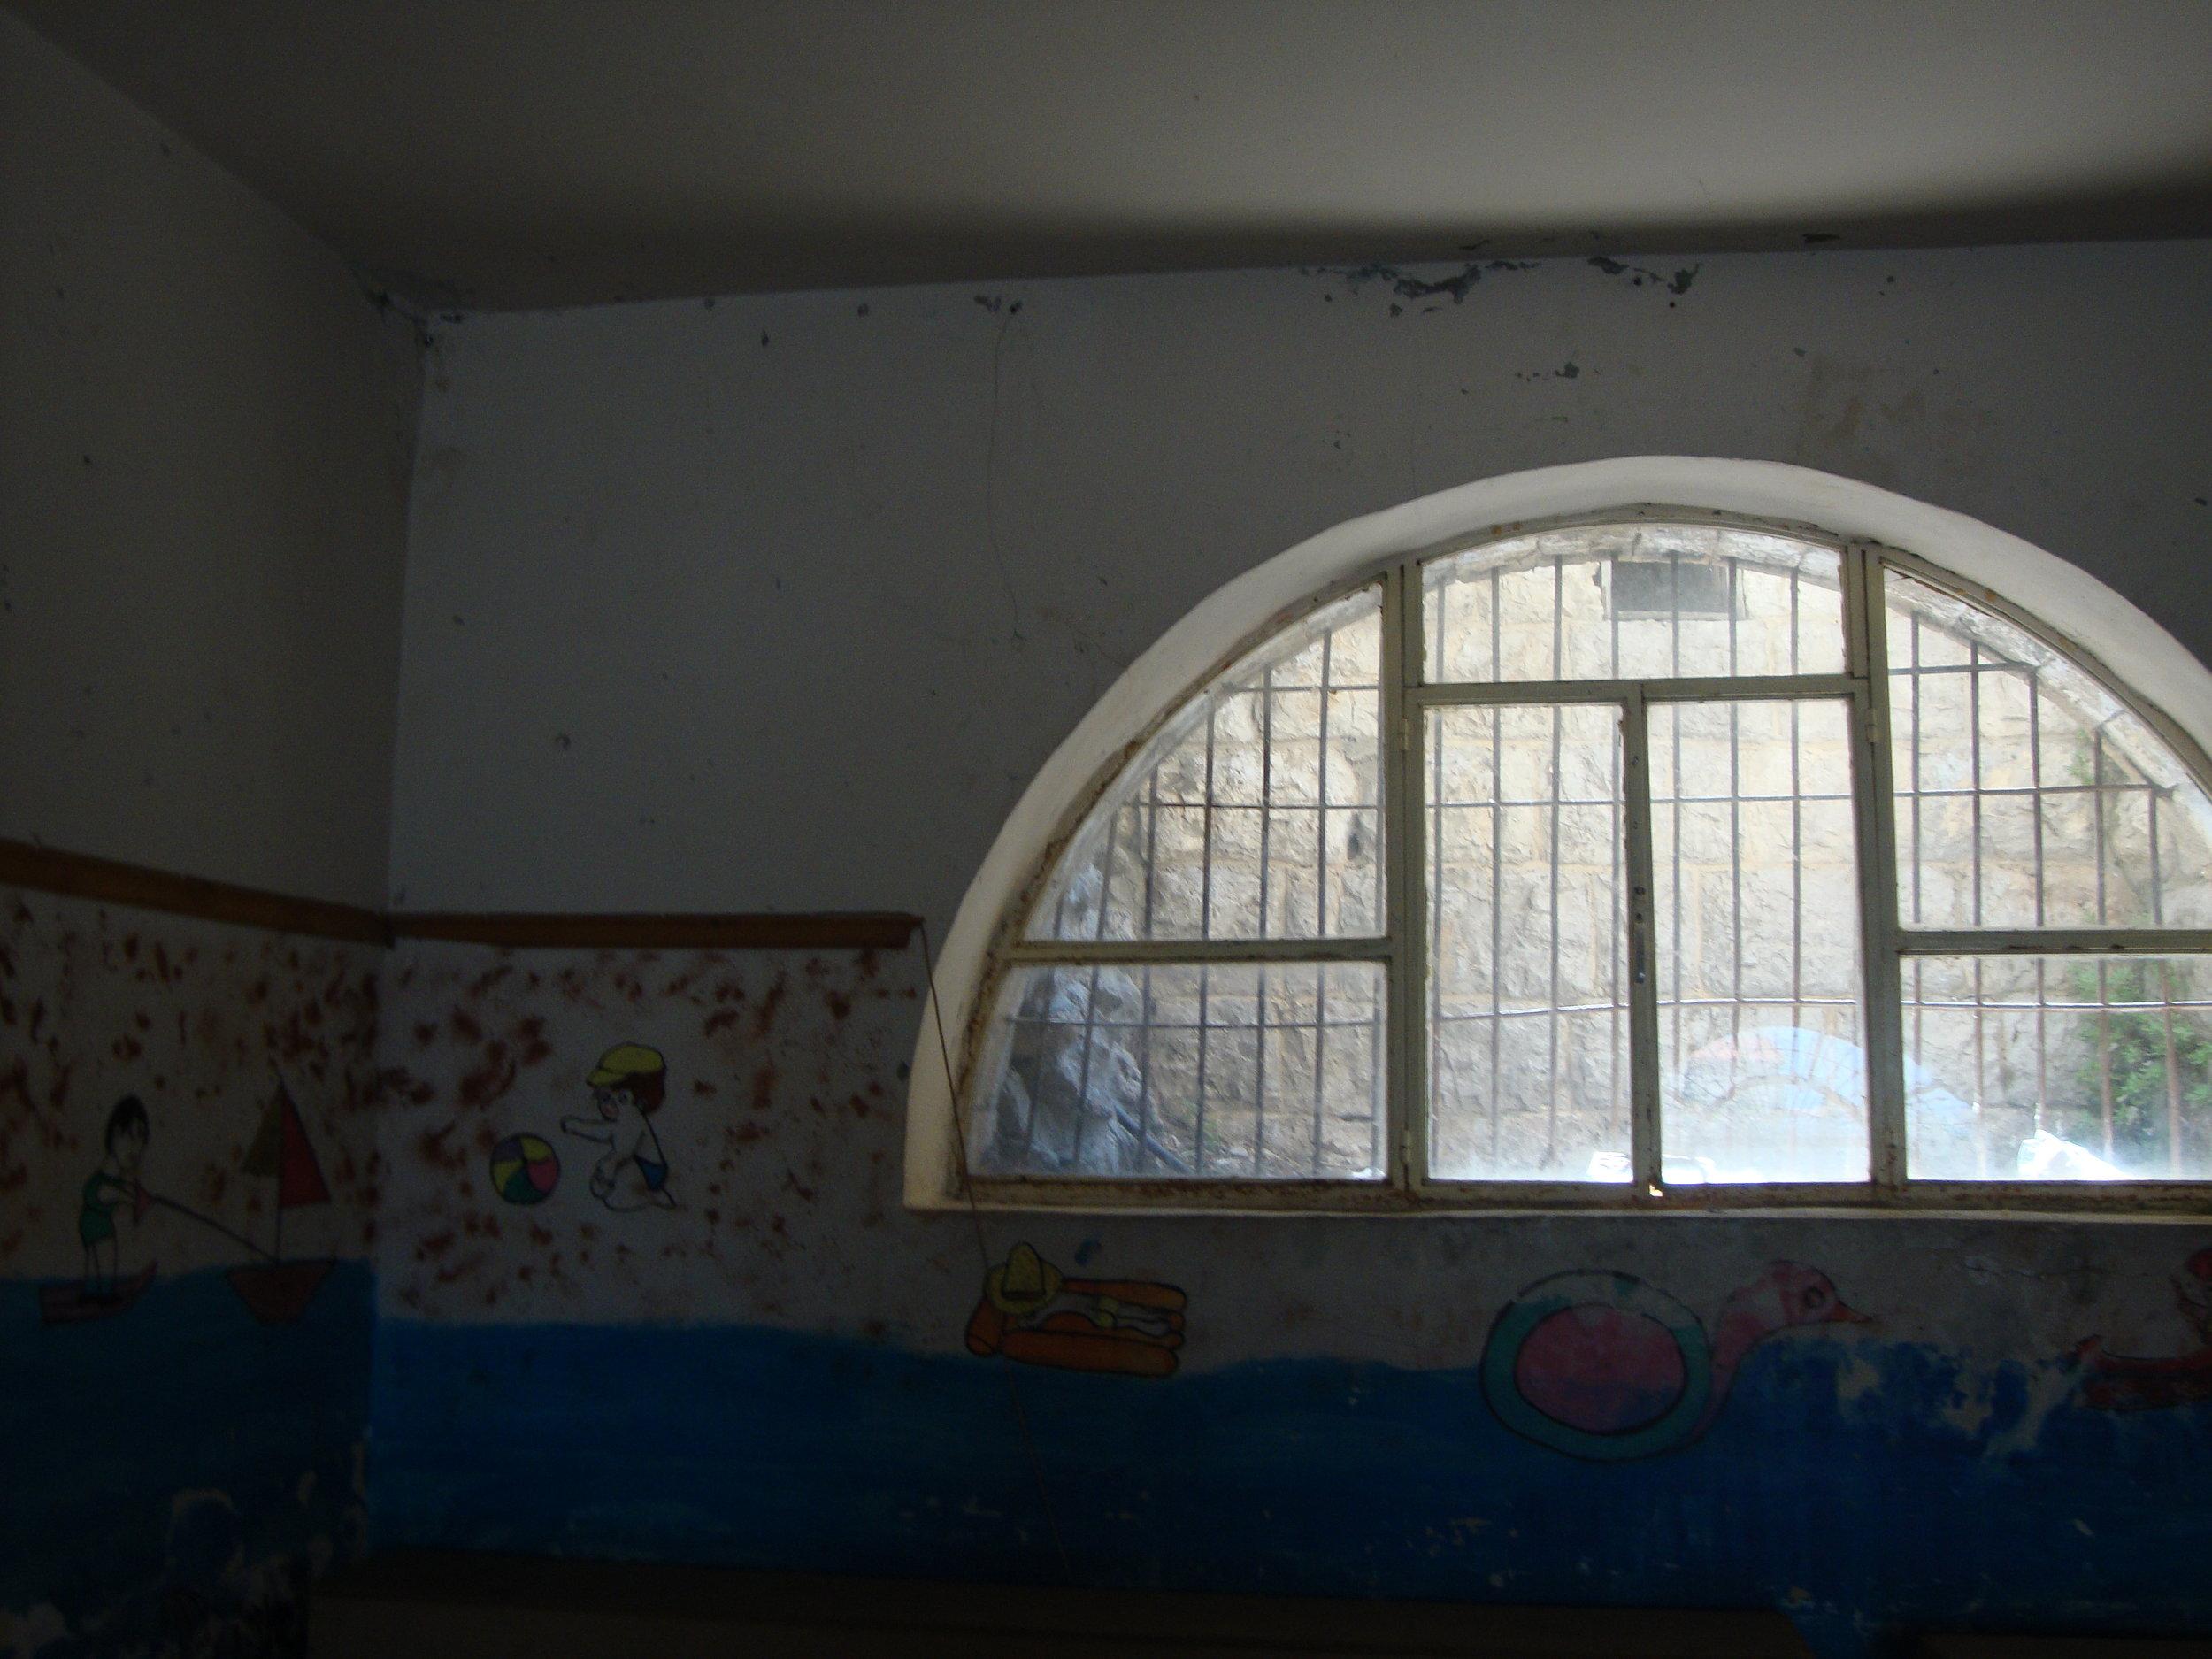 previous condition of windows